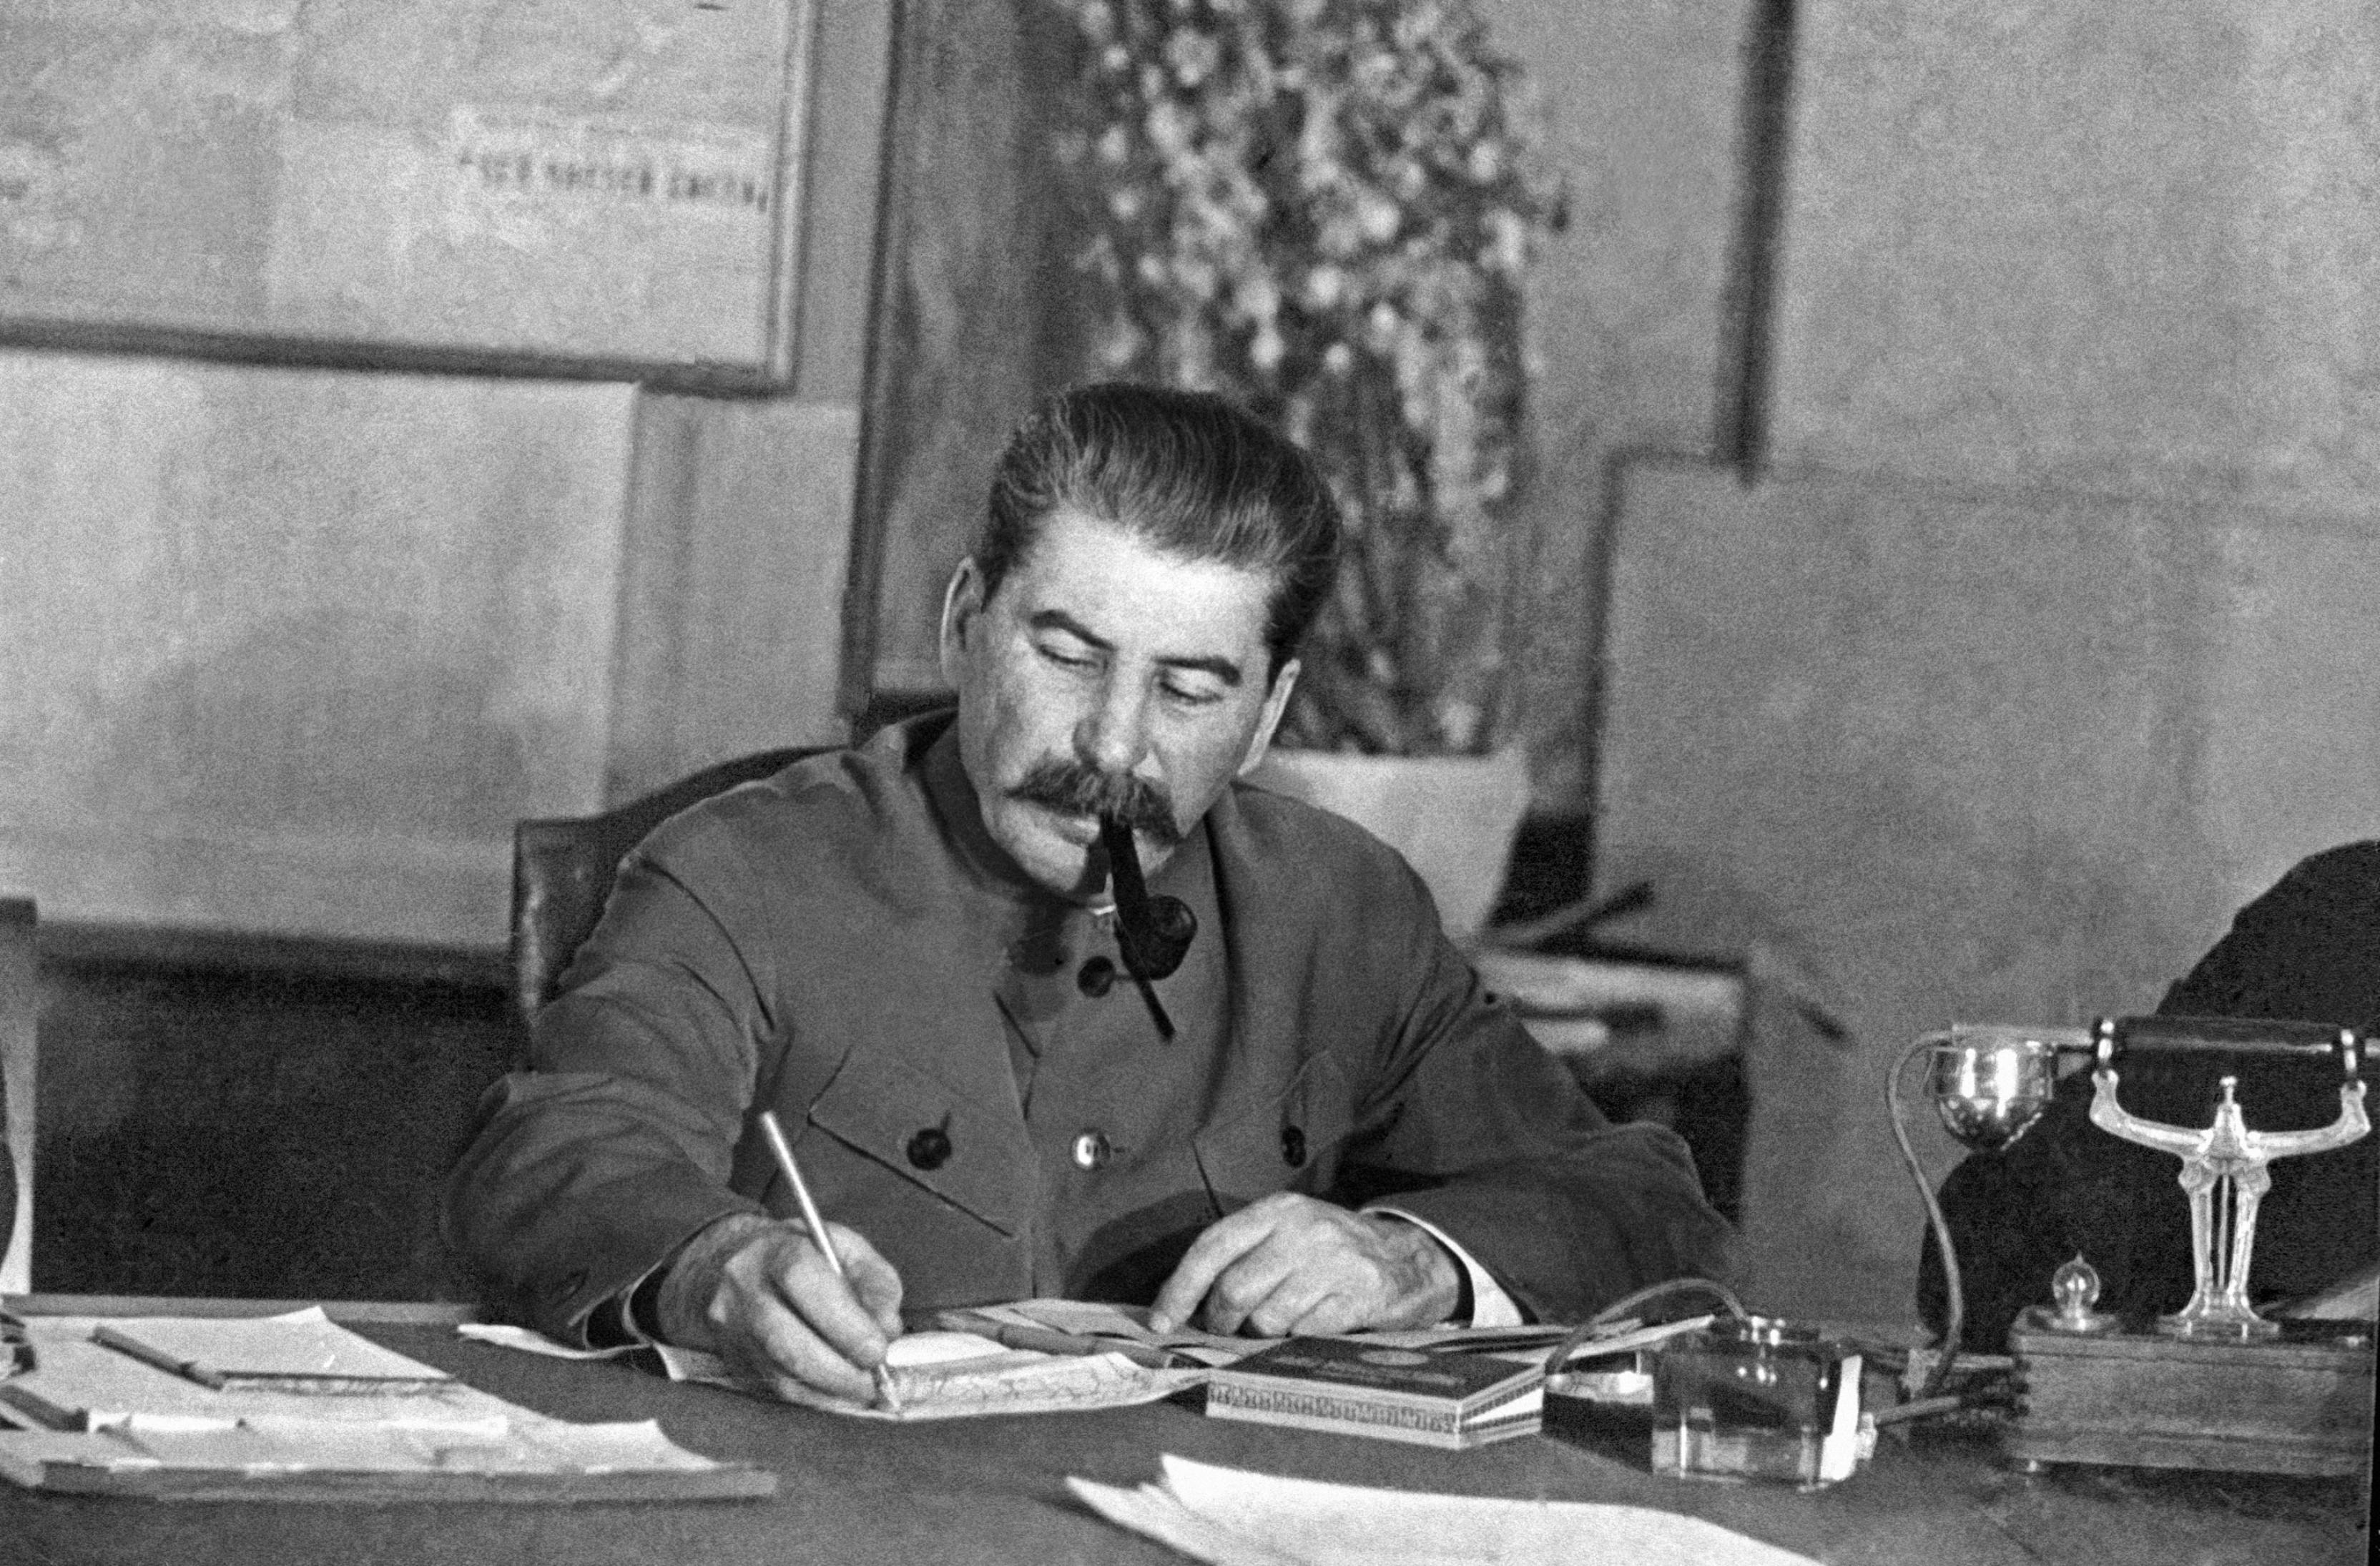 Картинки по запросу 50 лет со дня рождения Сталина